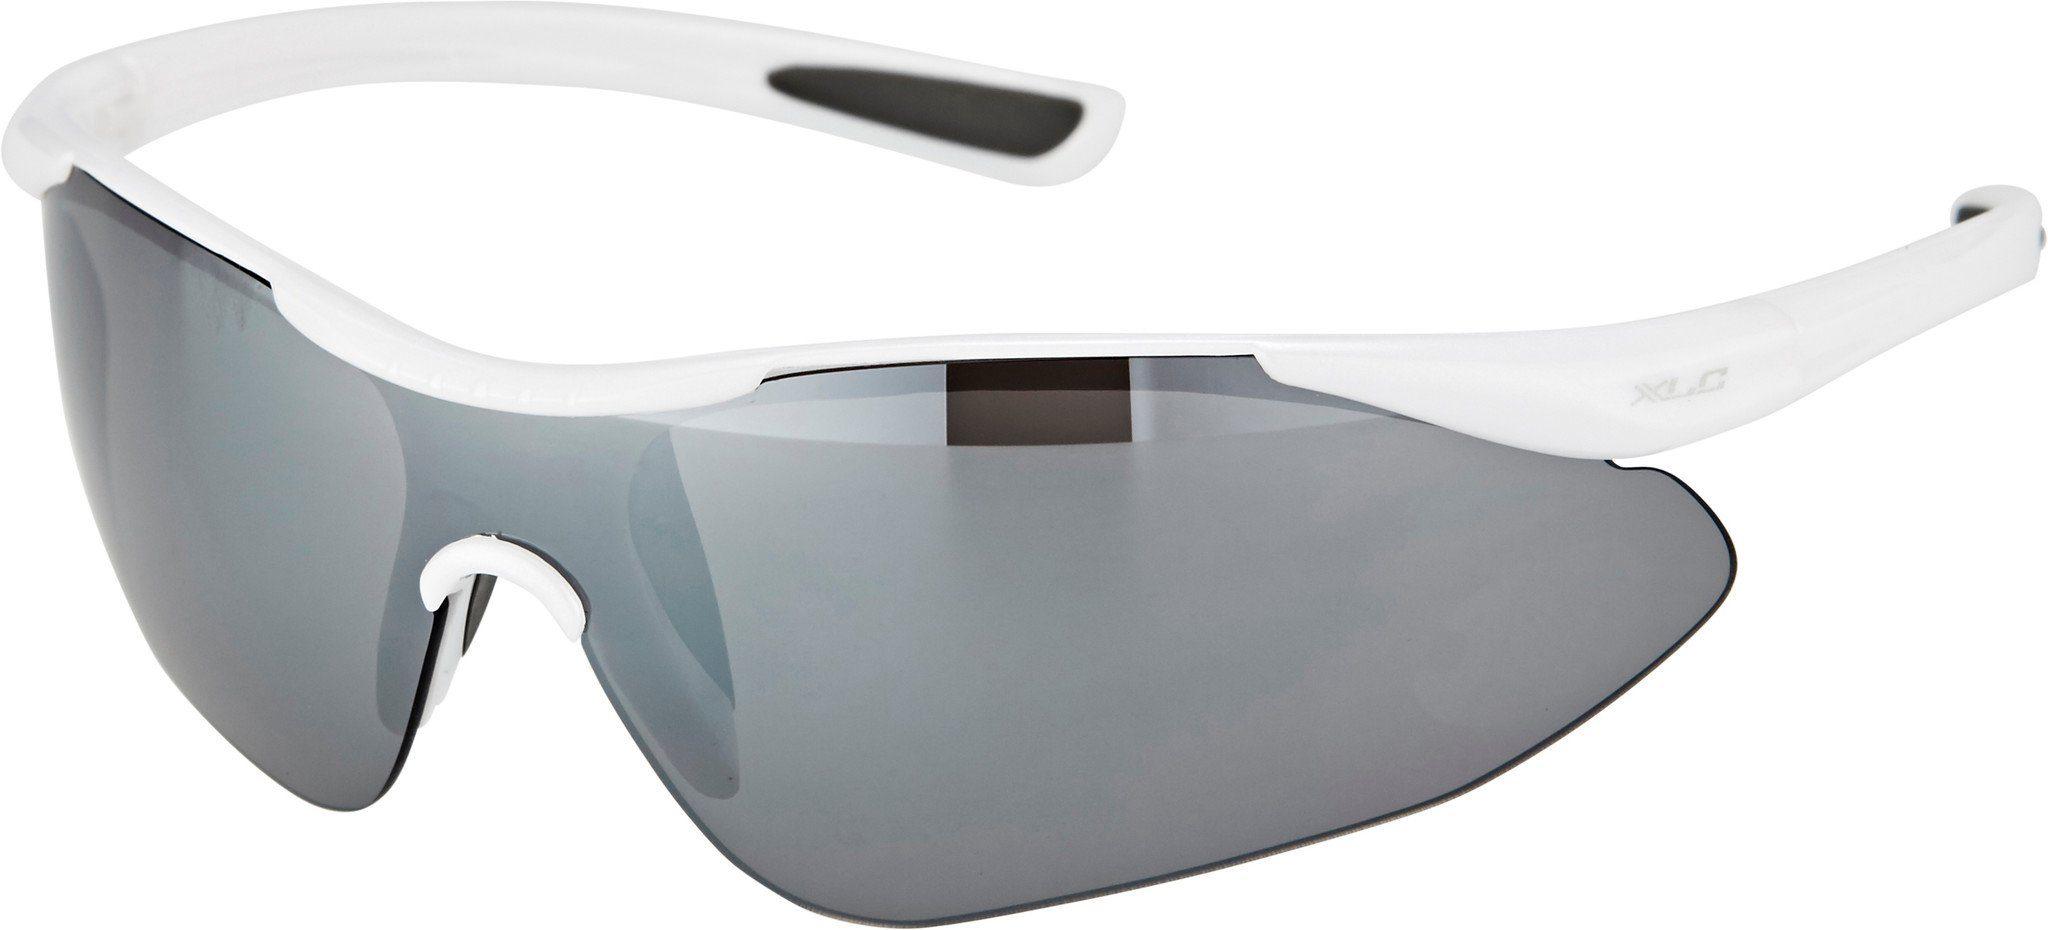 XLC Radsportbrille »Bali Sonnenbrille«